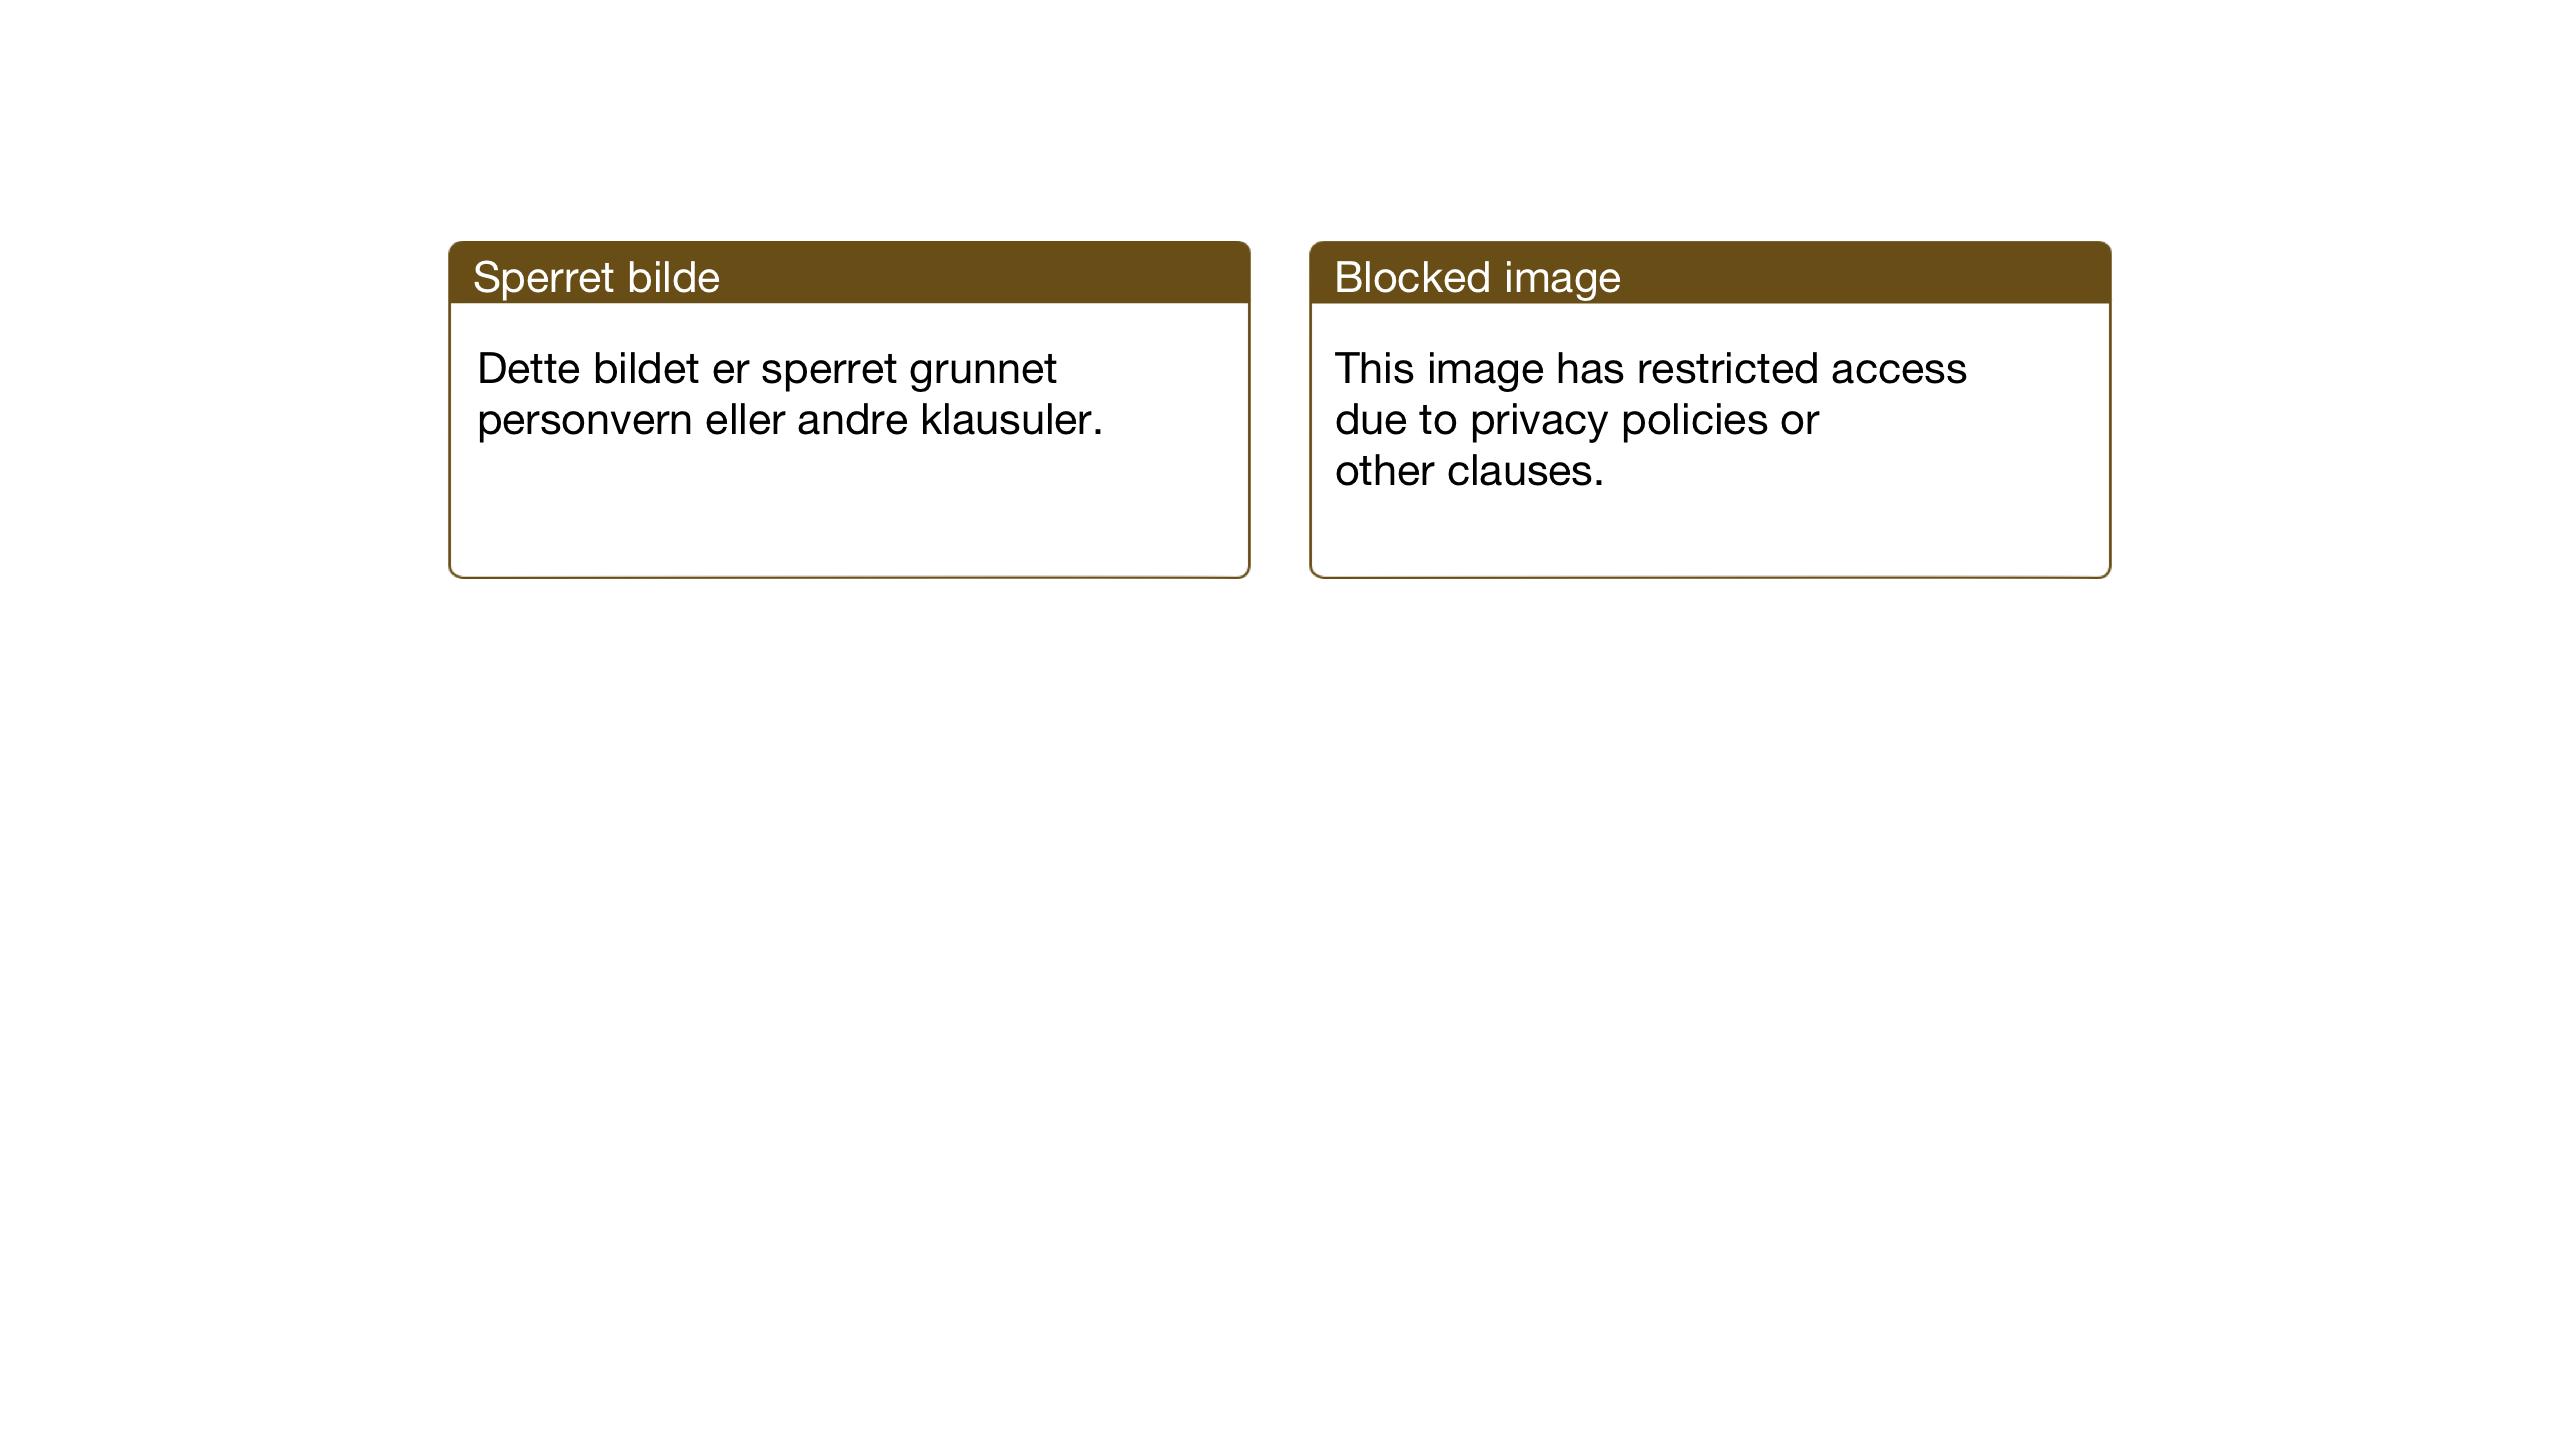 SAT, Ministerialprotokoller, klokkerbøker og fødselsregistre - Sør-Trøndelag, 635/L0554: Klokkerbok nr. 635C02, 1919-1942, s. 51